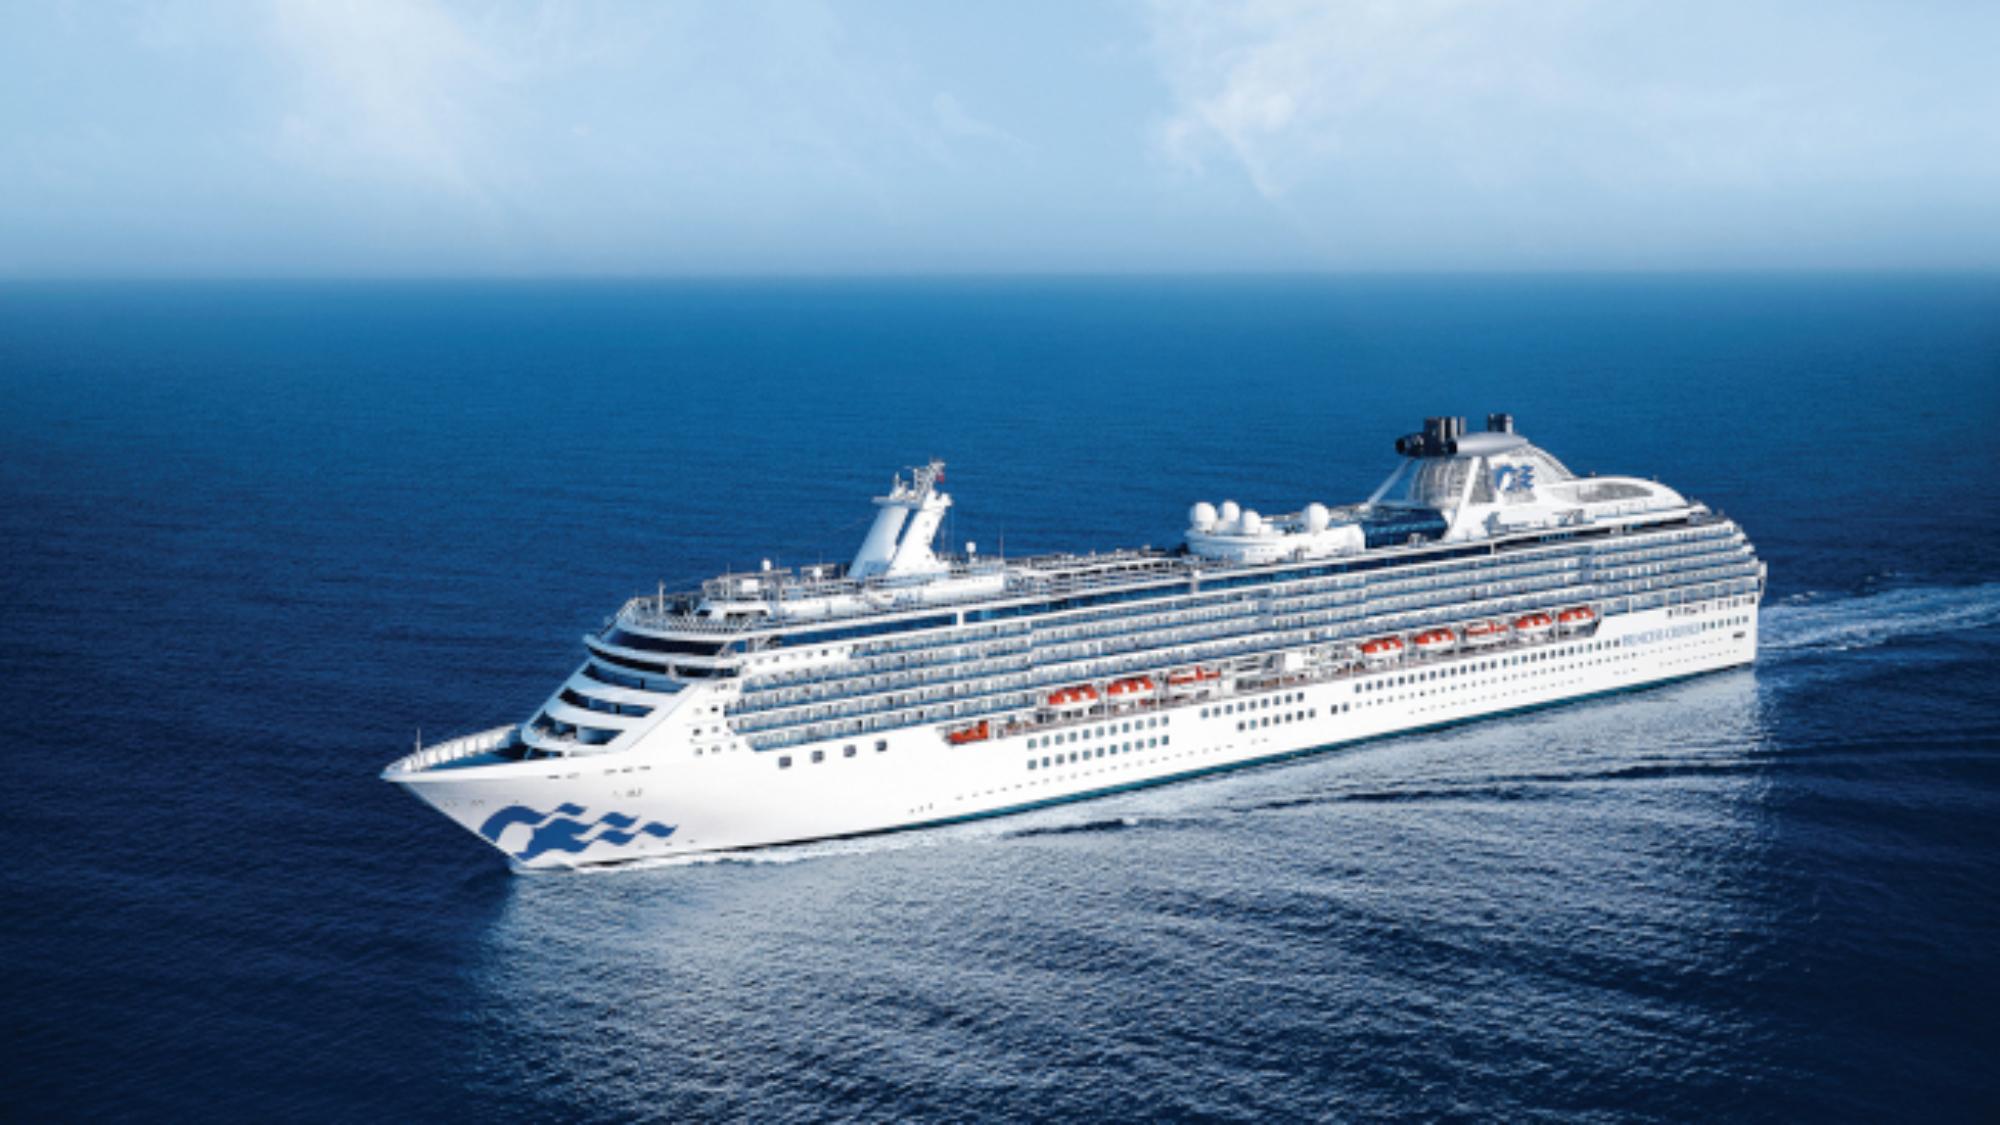 因為爆發疫情而在海上漂流數日的「珊瑚公主號」郵輪,終於可望於4日在佛羅里達州勞德岱堡的港口靠岸。(TNS)